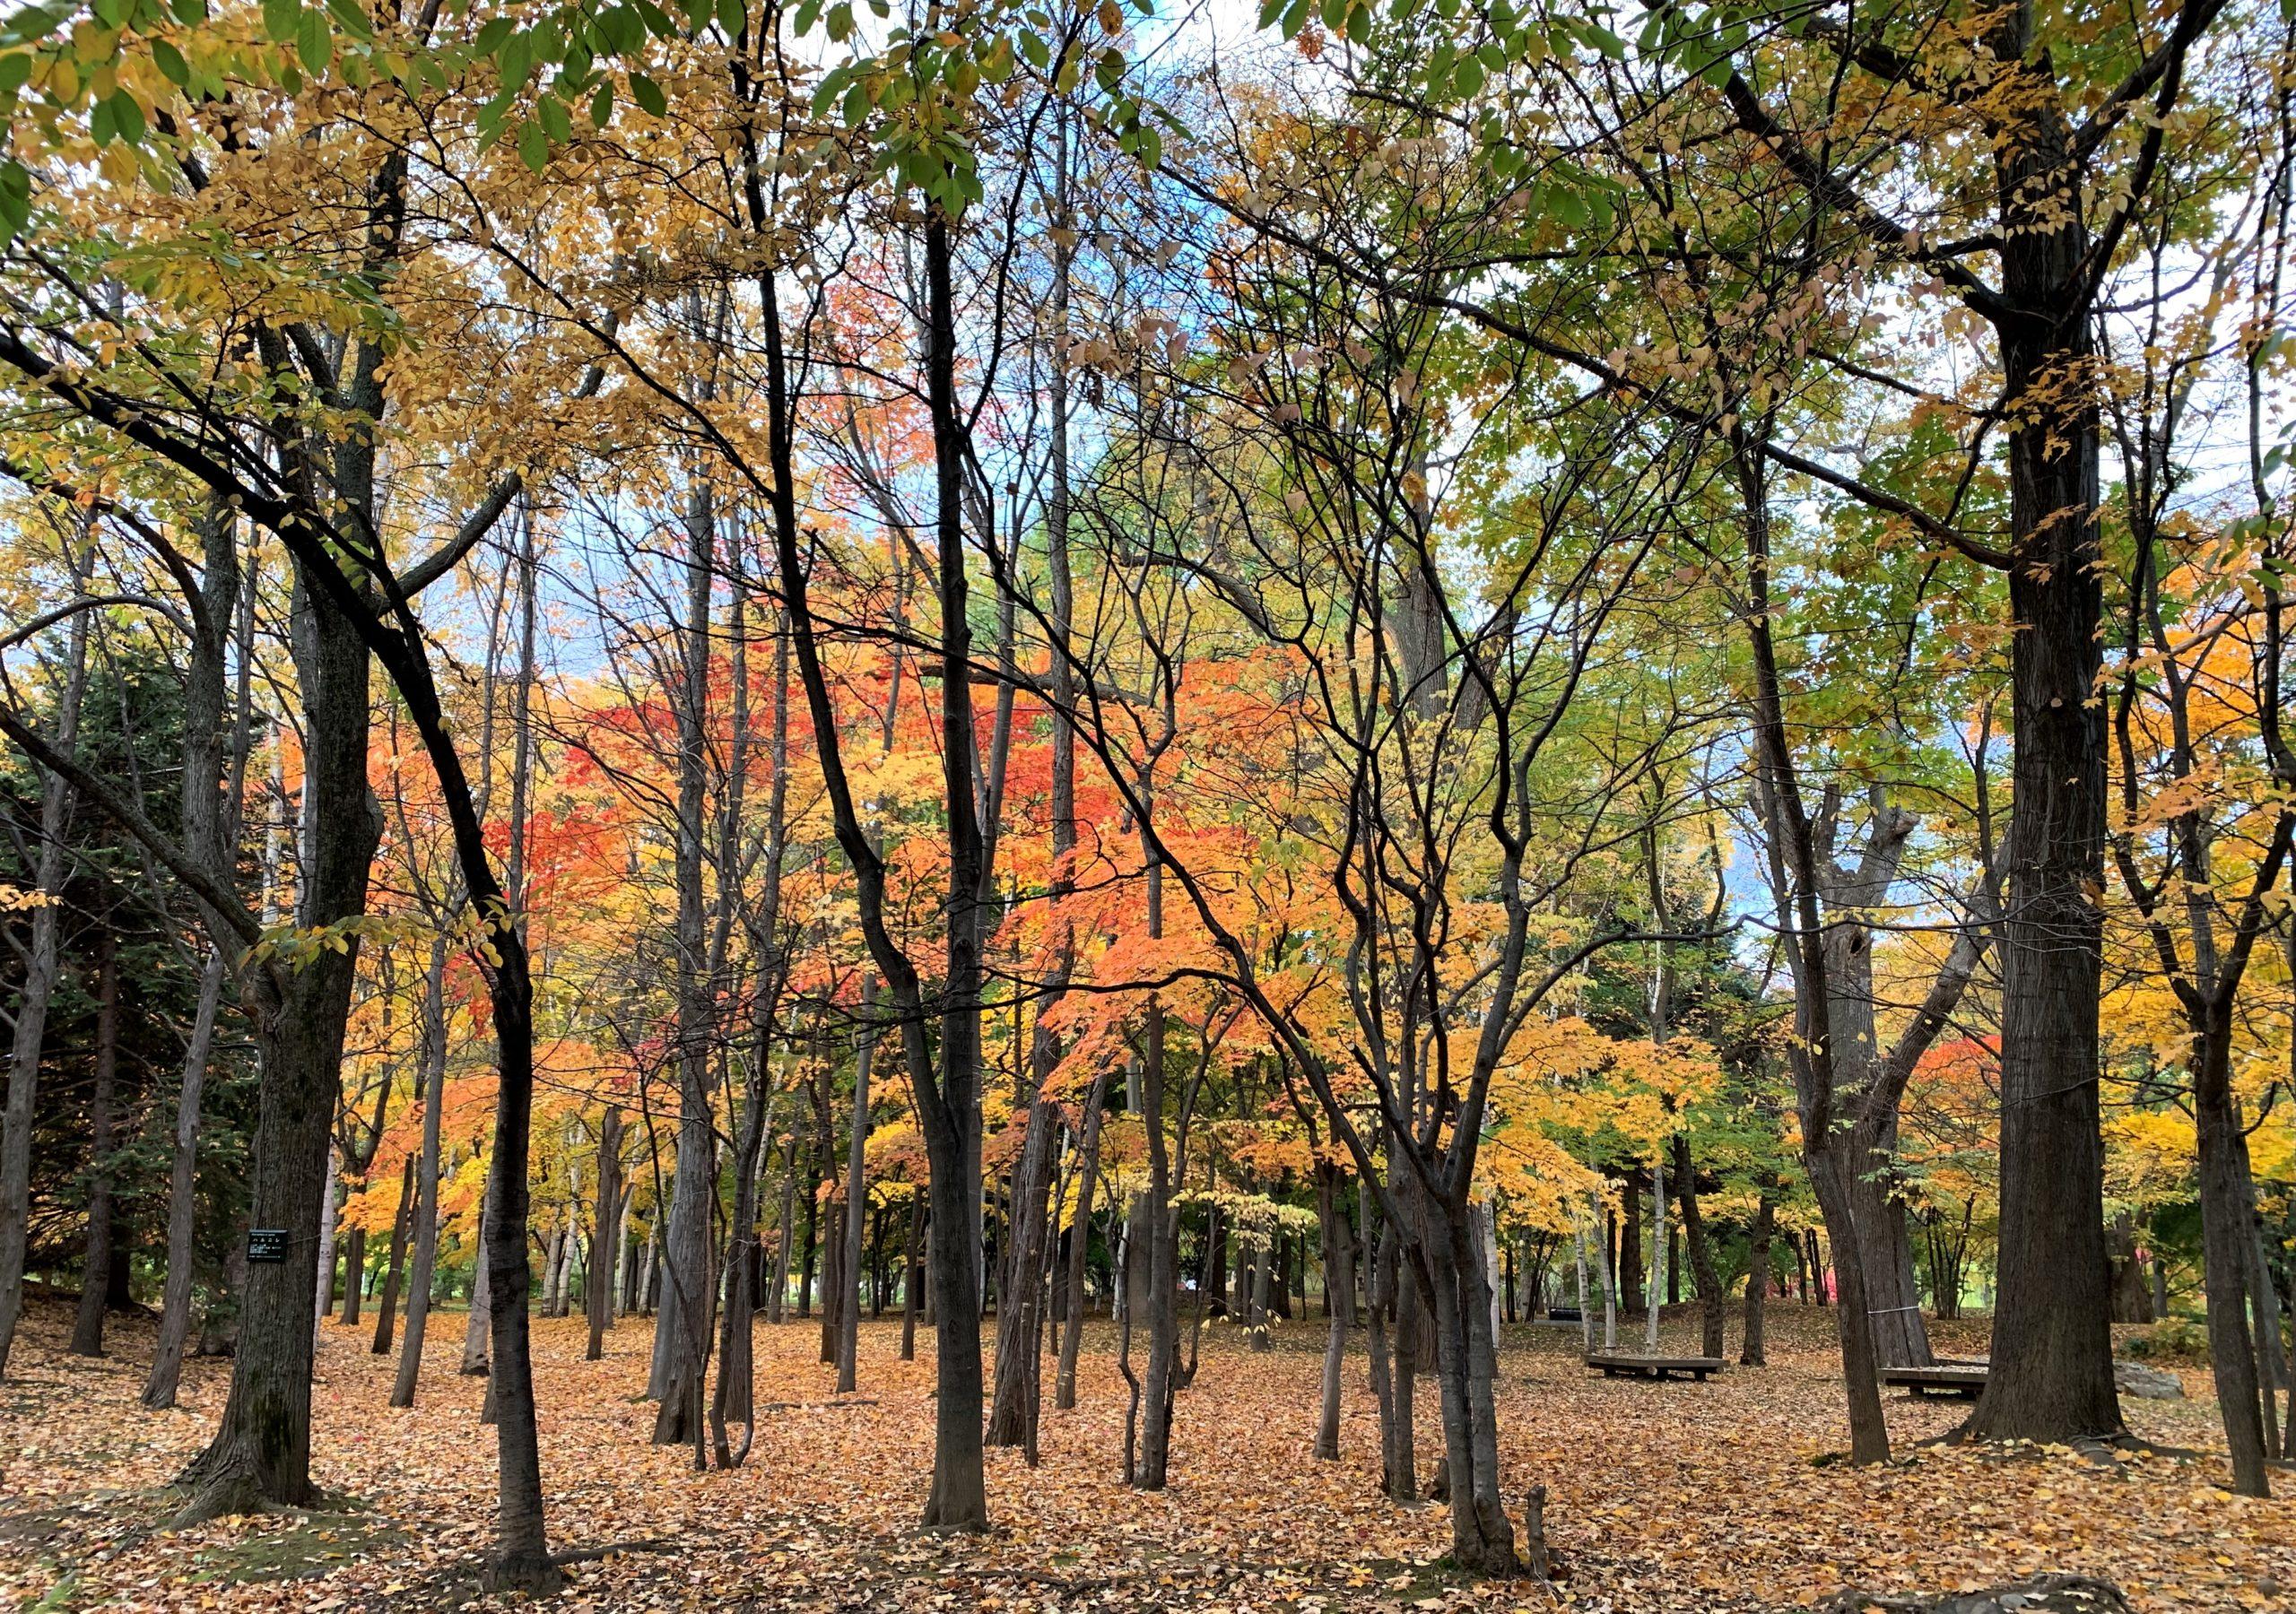 北海道の広葉樹は、ミズナラやシラカバが代表的で有名ですよね。